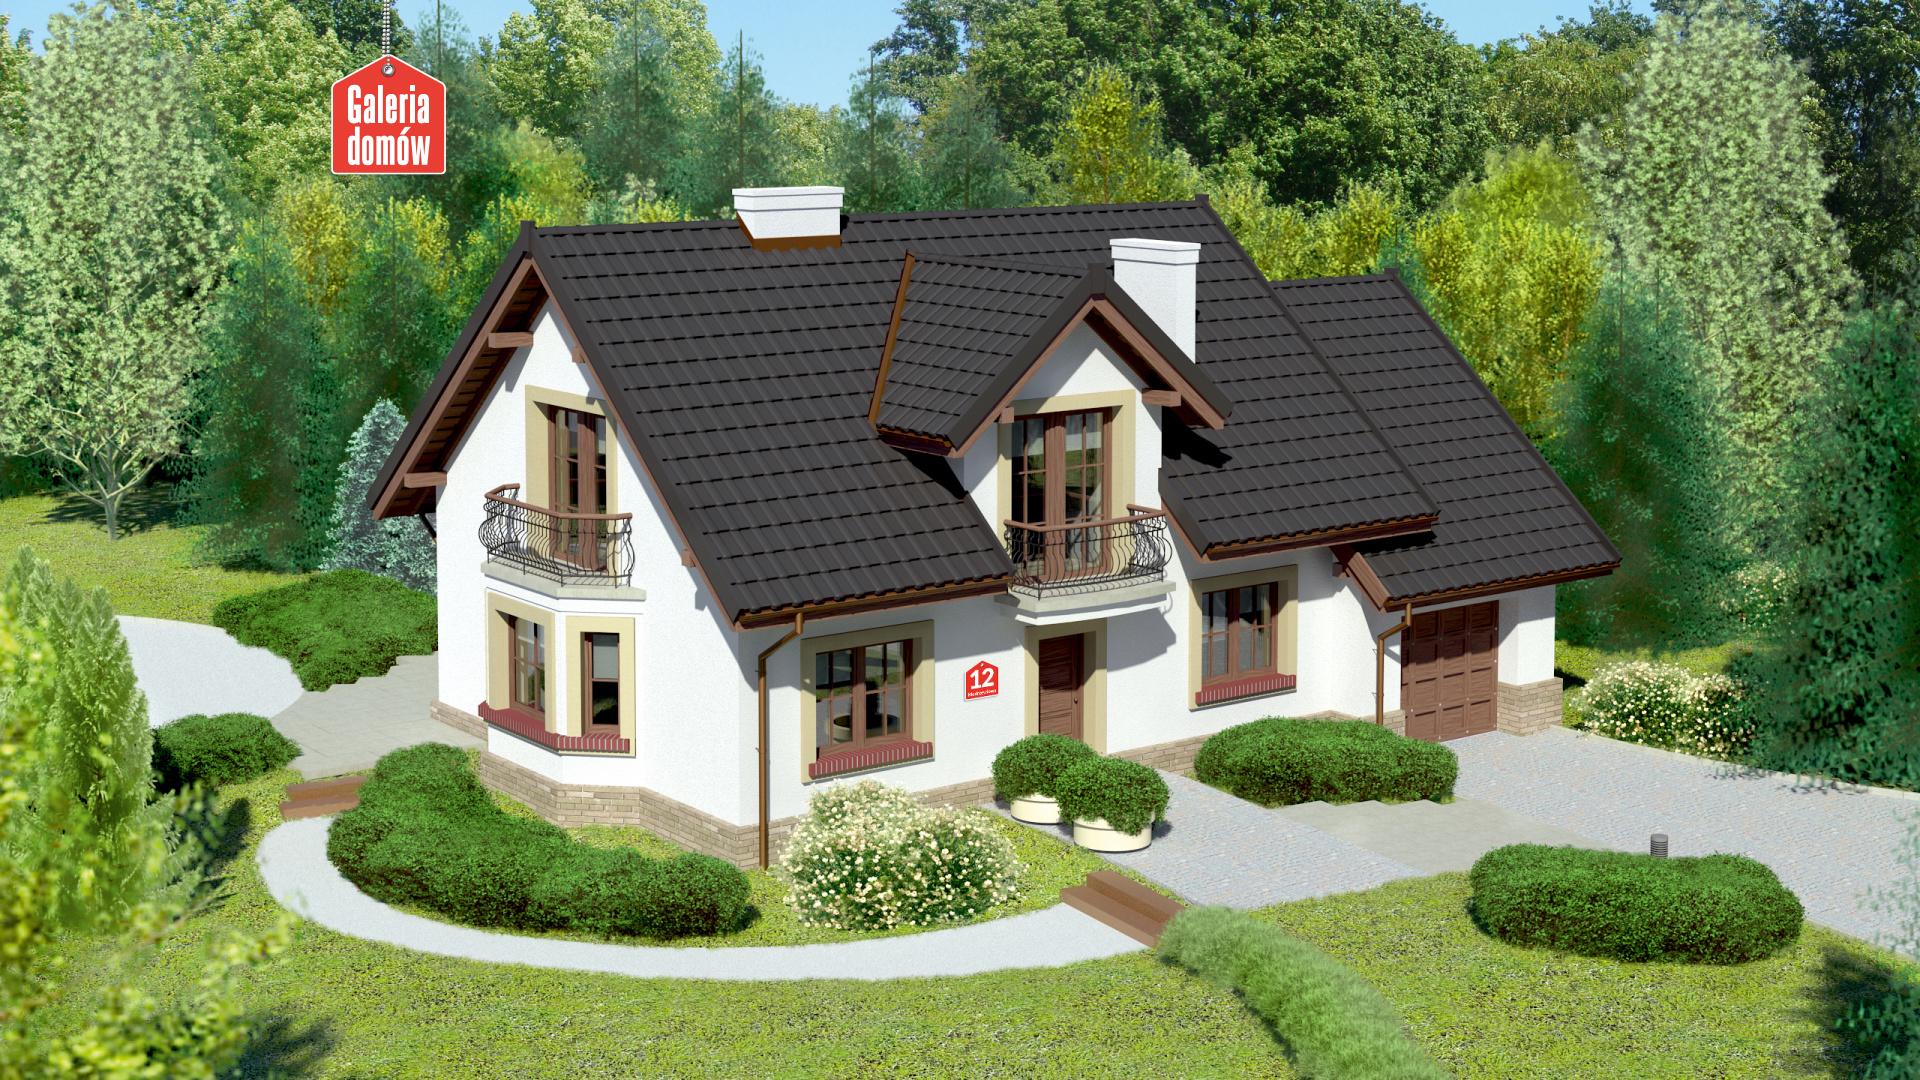 Dom przy Modrzewiowej 12 - zdjęcie projektu i wizualizacja